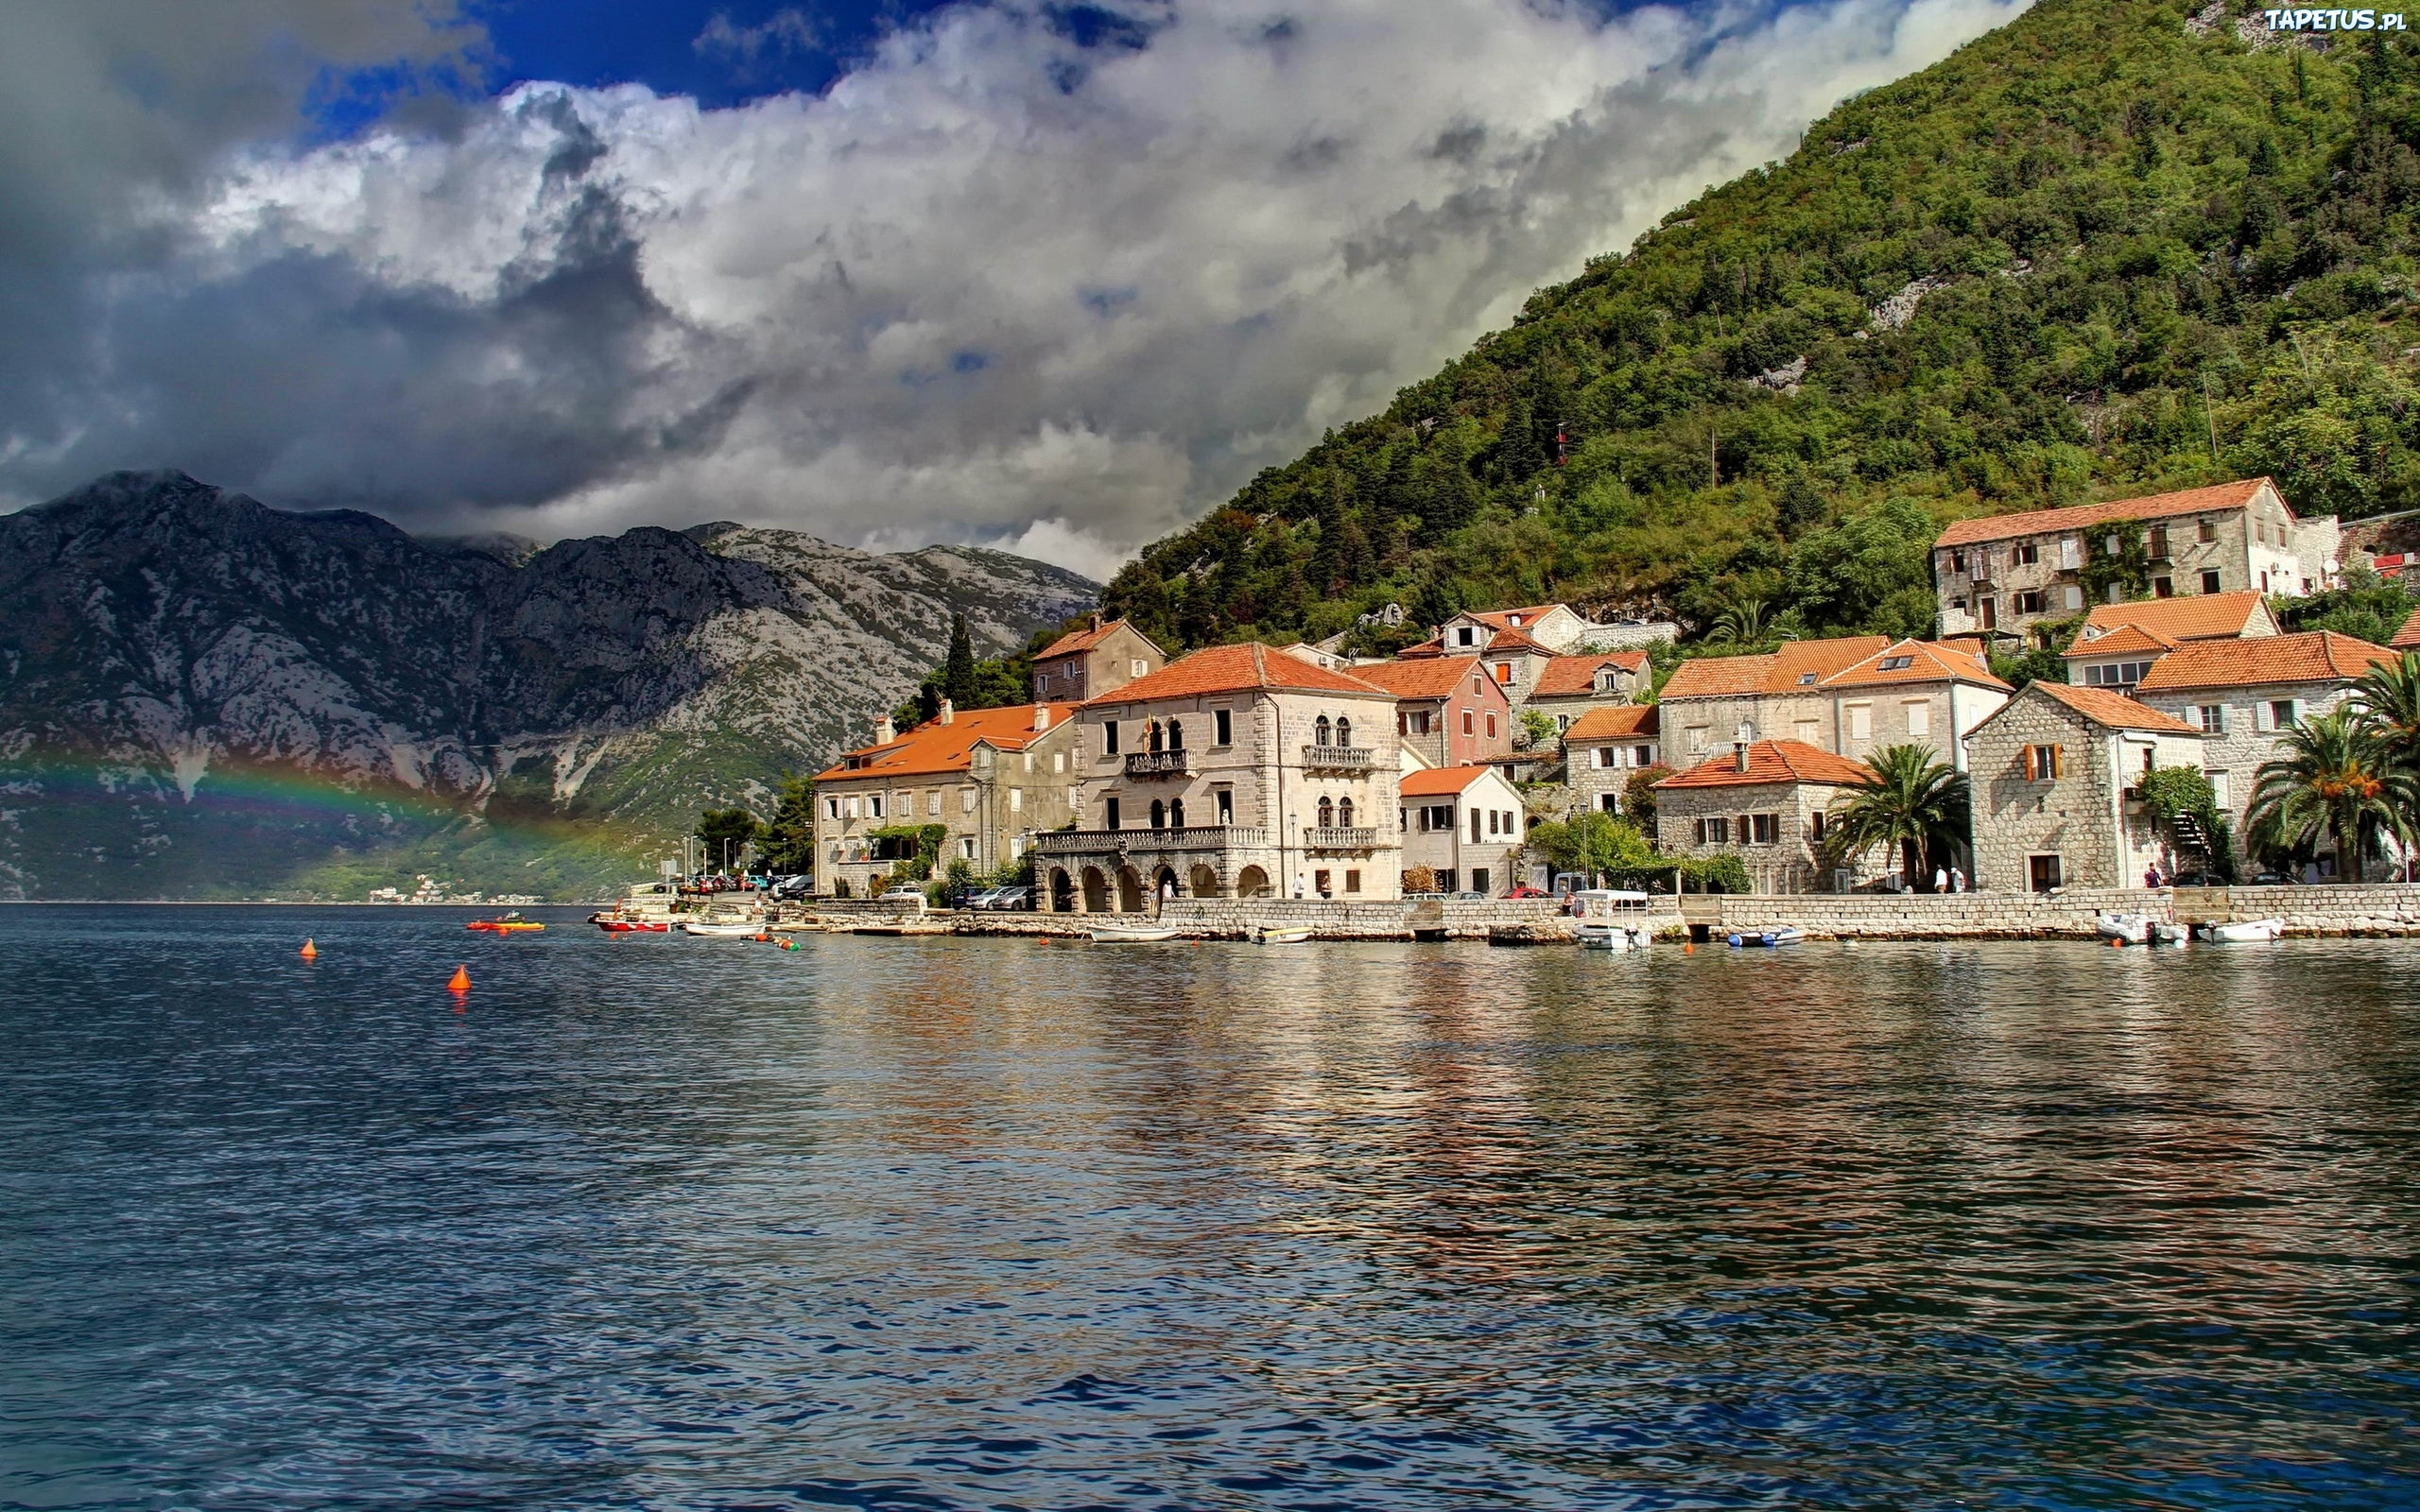 Купить iphone в черногории